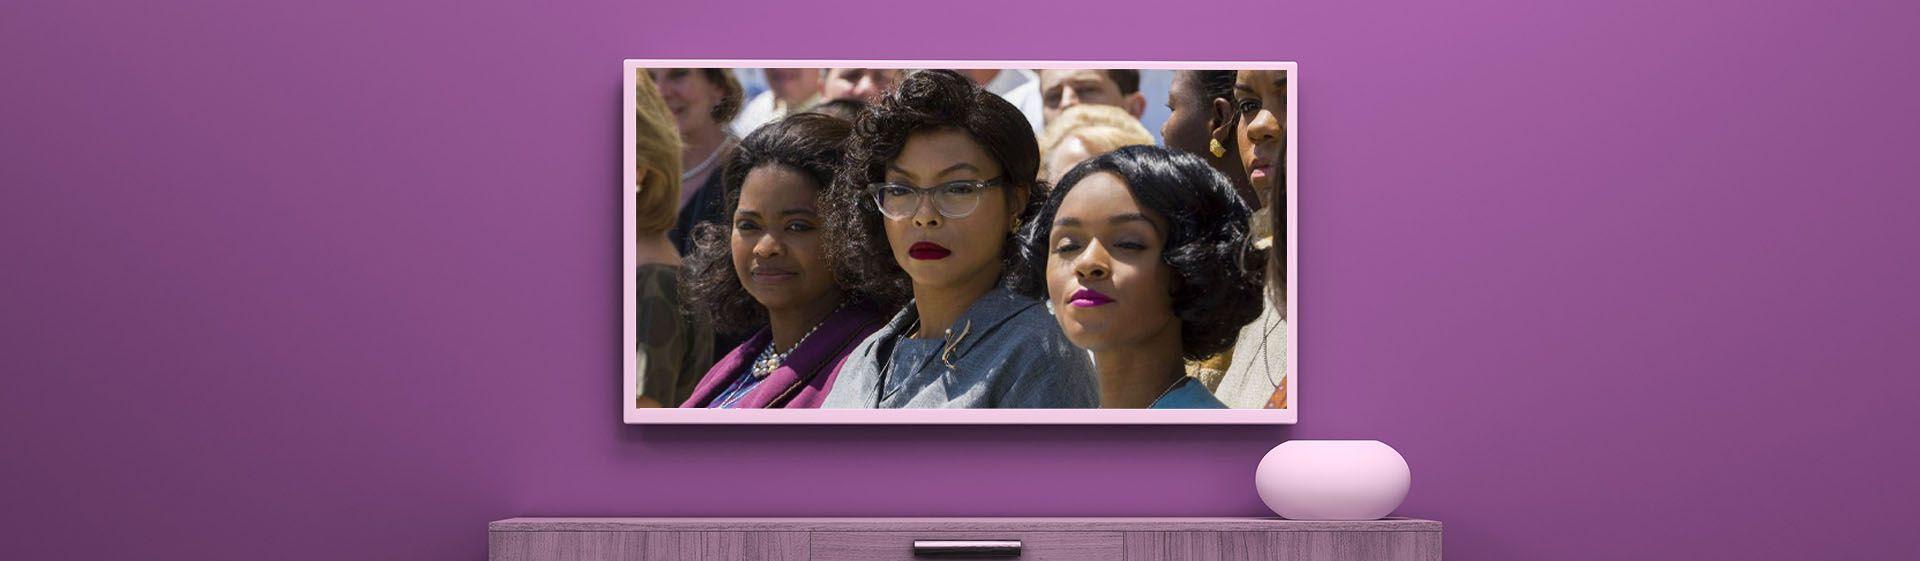 Dia da mulher: 7 filmes feministas para você celebrar o dia